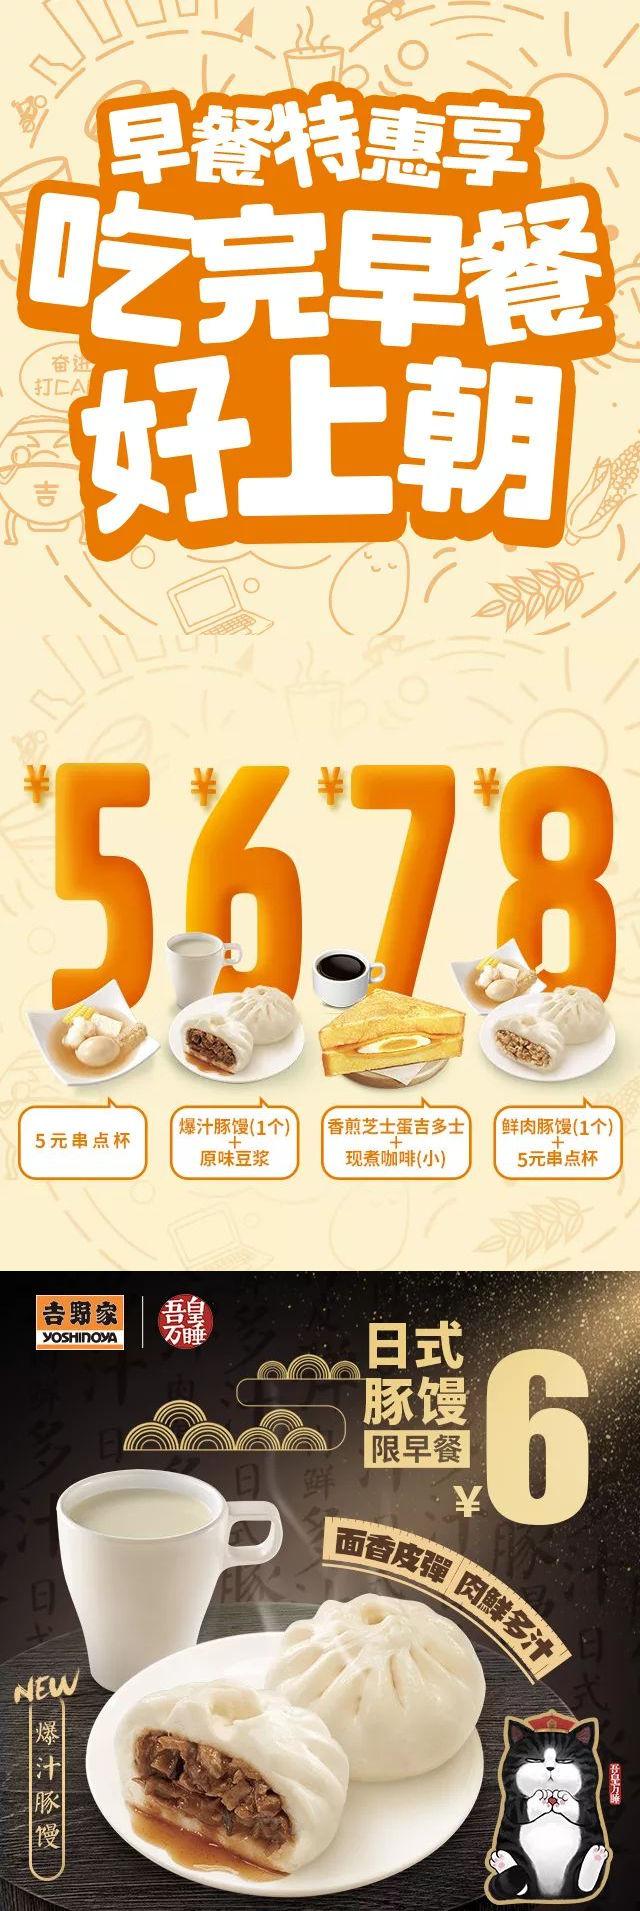 北京吉野家早餐特惠,套餐只要5/6/7/8元 有效期至:2018年9月30日 www.5ikfc.com